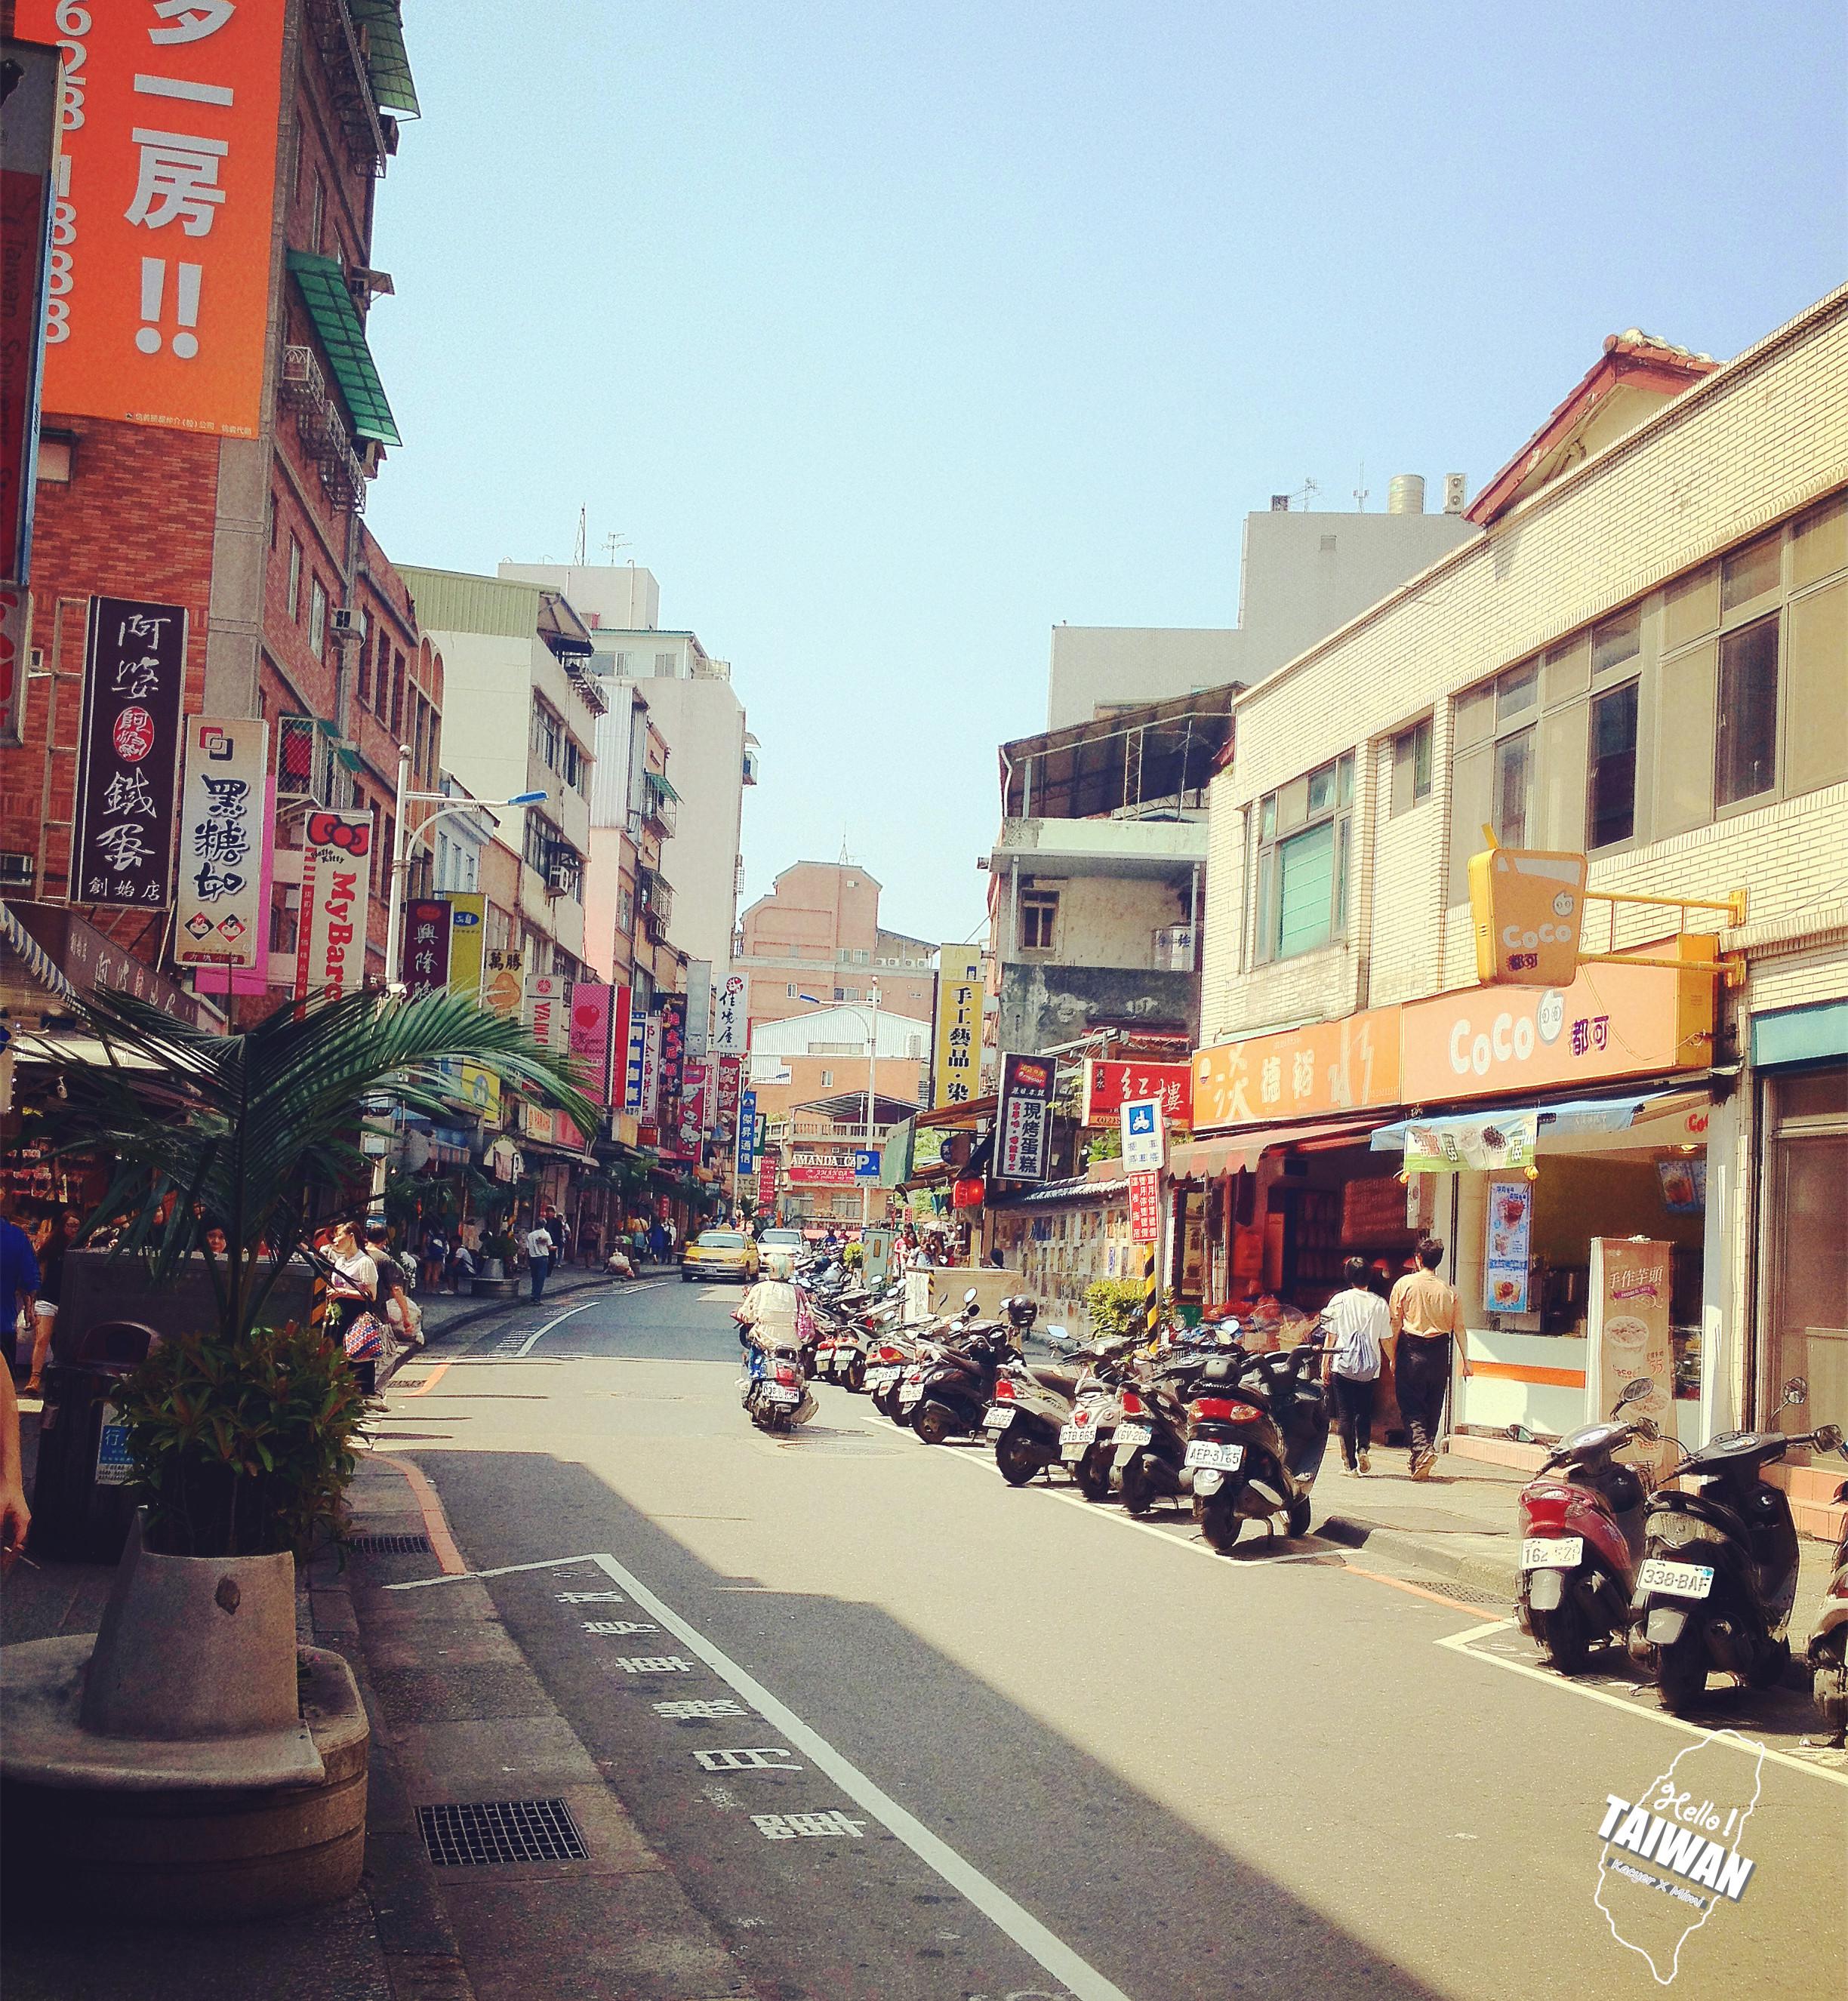 惠州到惠阳淡水_从惠阳淡水去深圳东门老街,怎麼去比较进?-